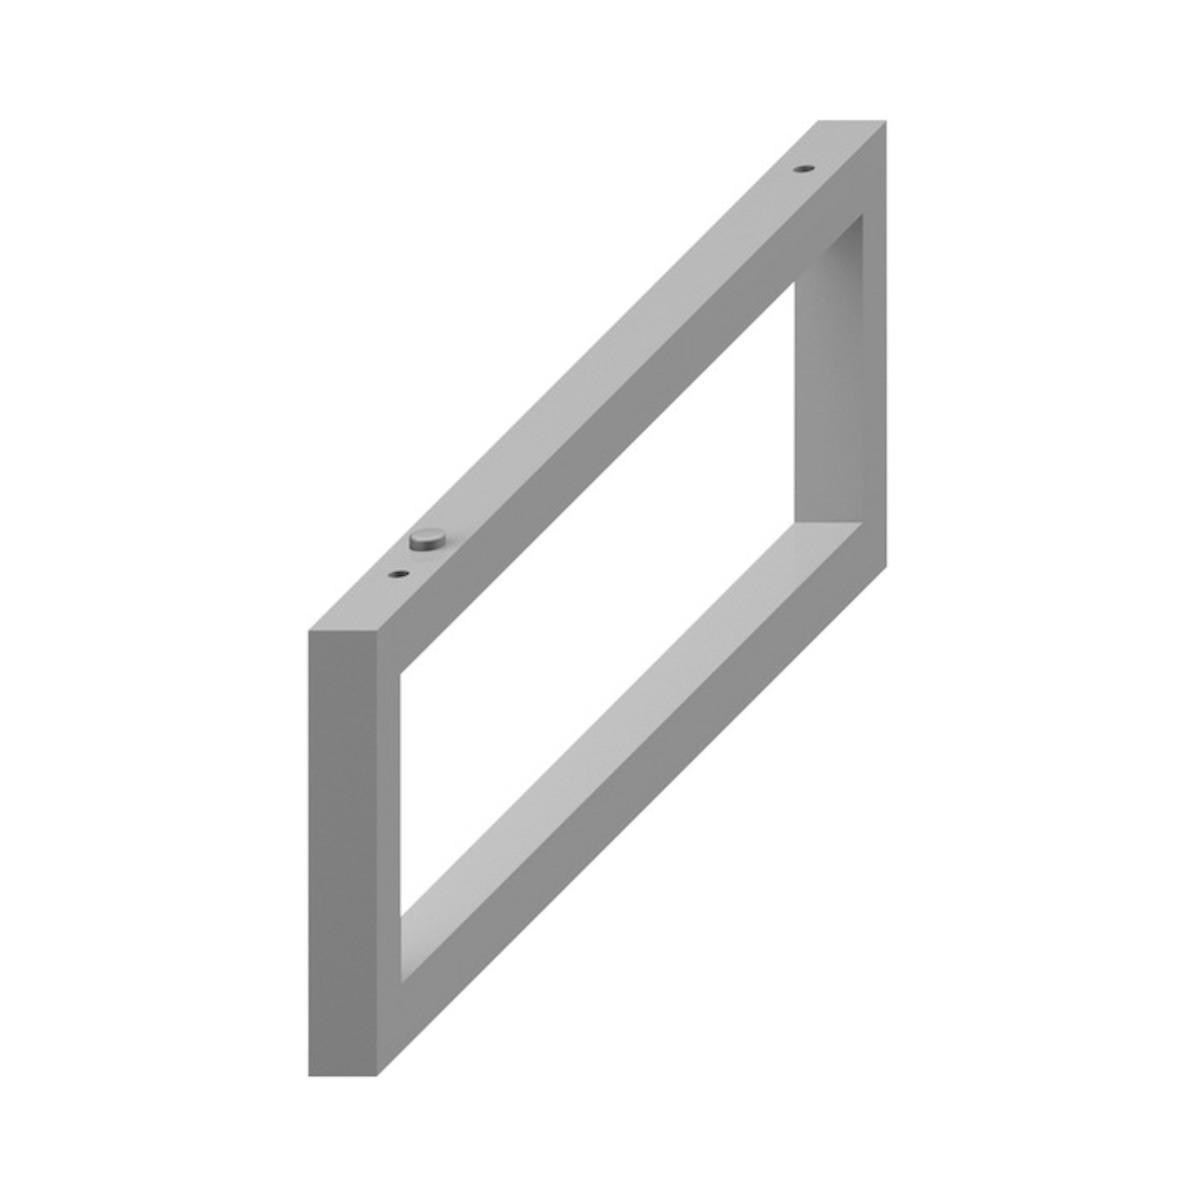 Příslušenství konzole Jika Cubito 2x42x14 cm stříbrná H4501331720001